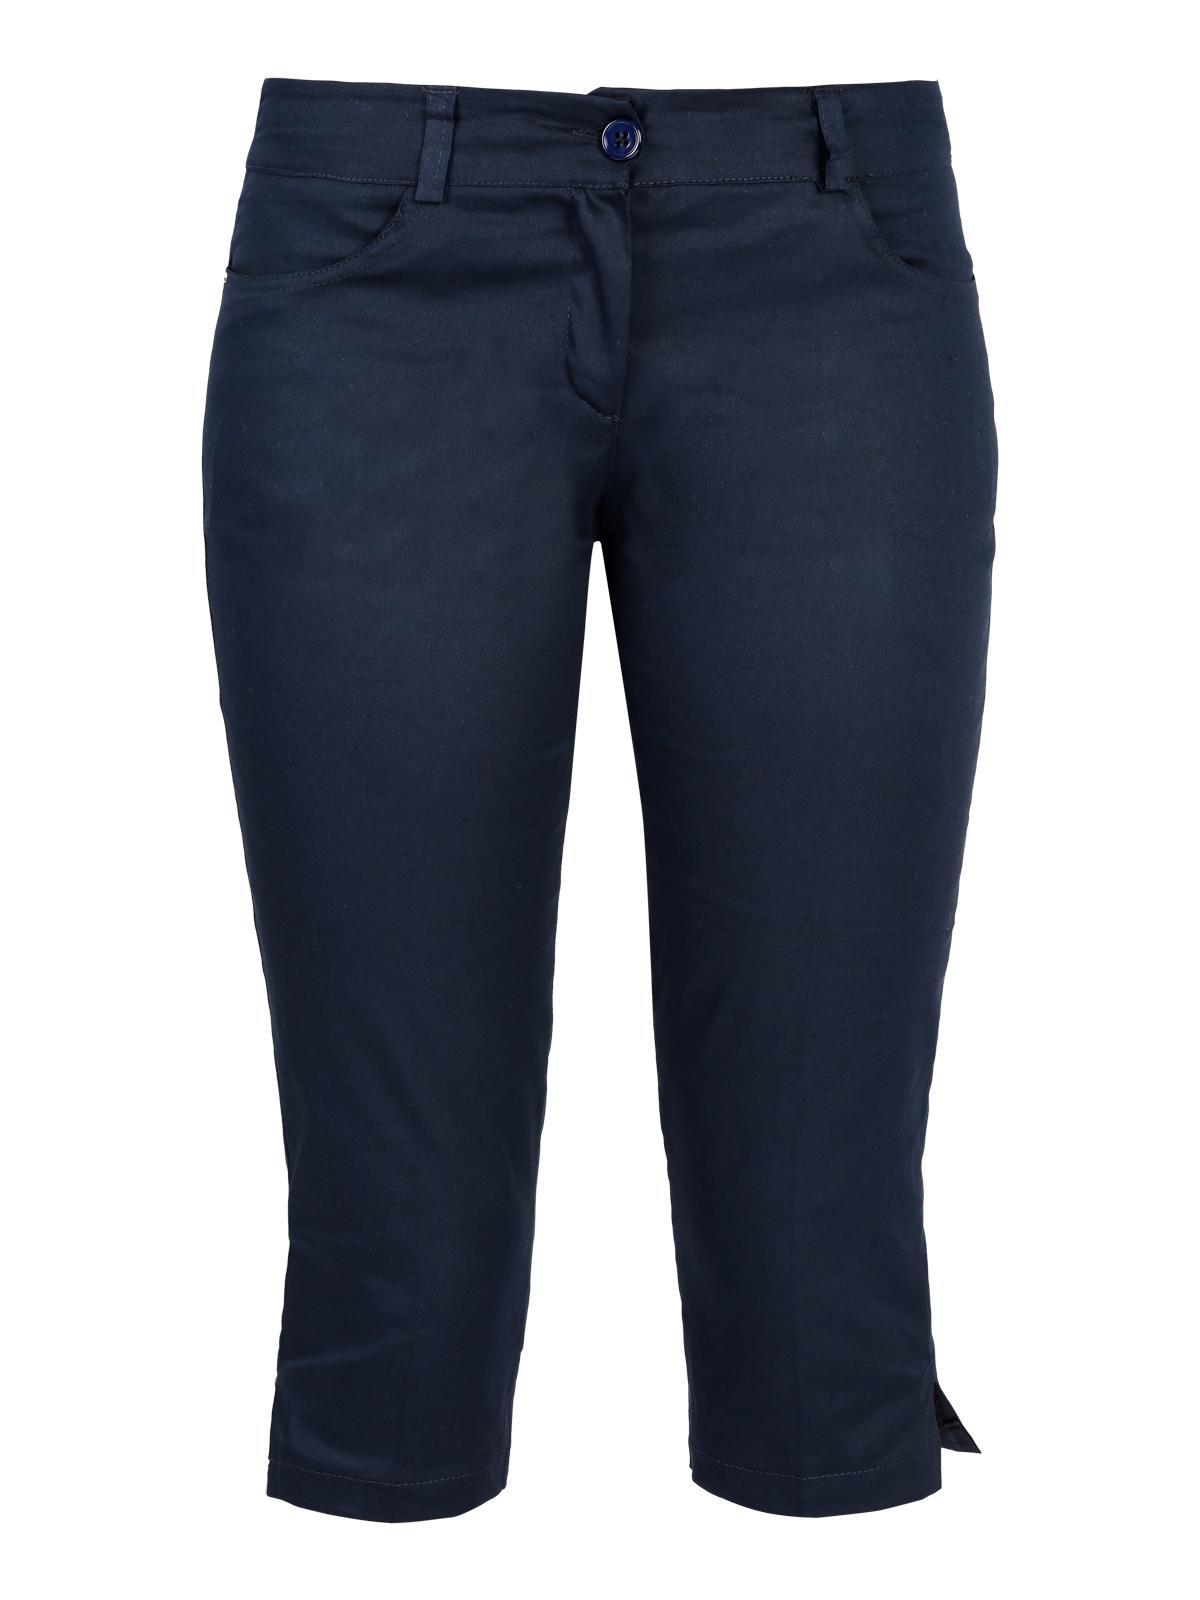 modelos de gran variedad ofertas exclusivas fina artesanía Pantalones cortos de algodón mujer | MecShopping